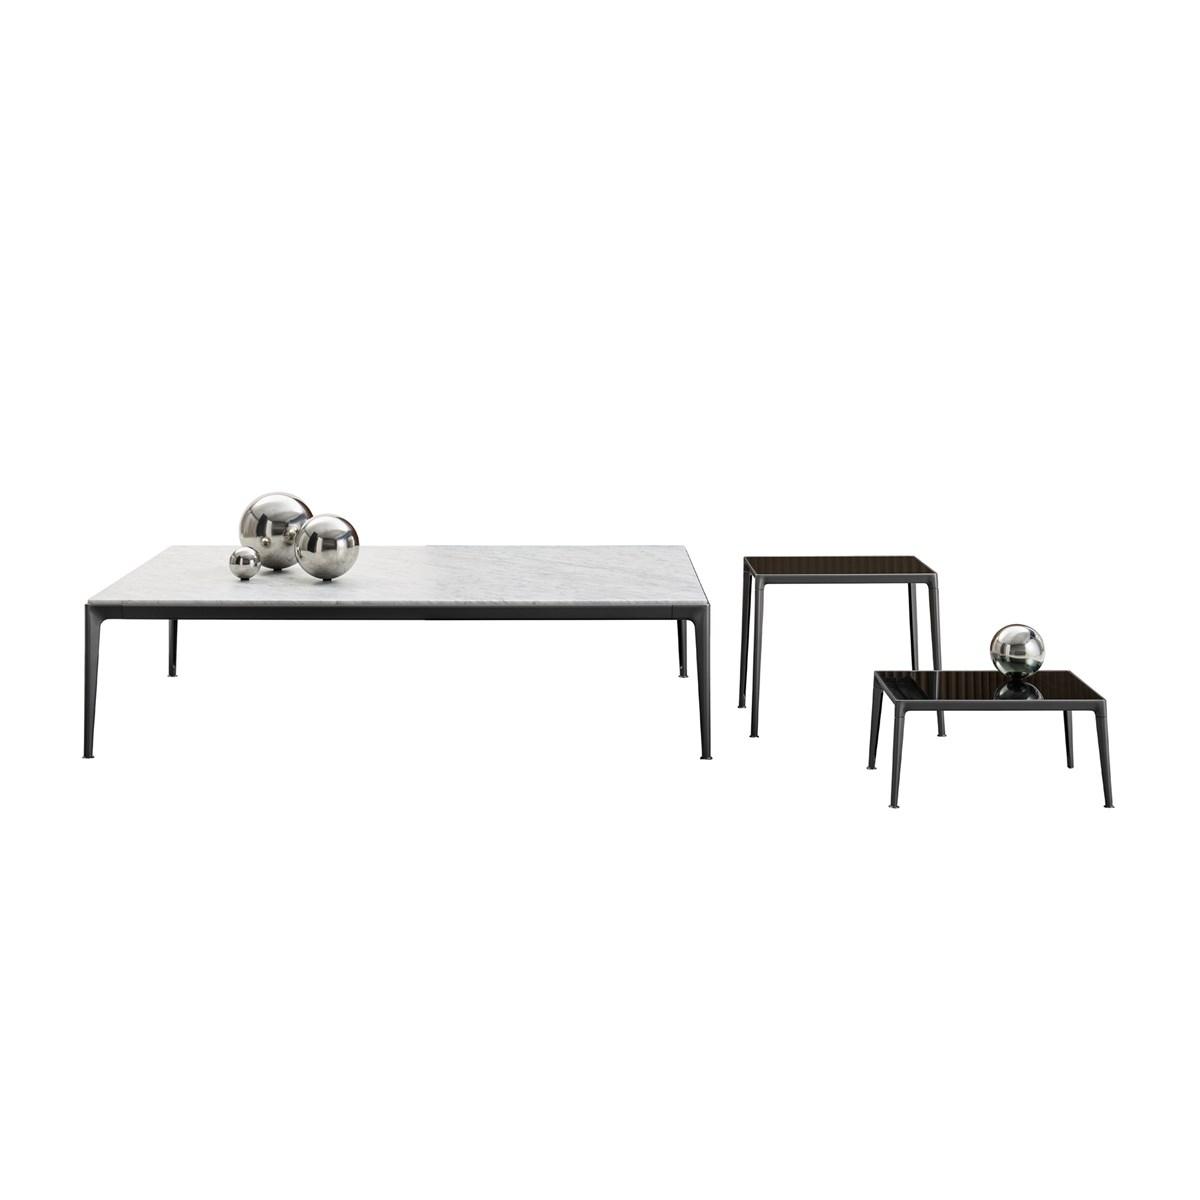 Mirto Indoor Table Beb Italia (1)